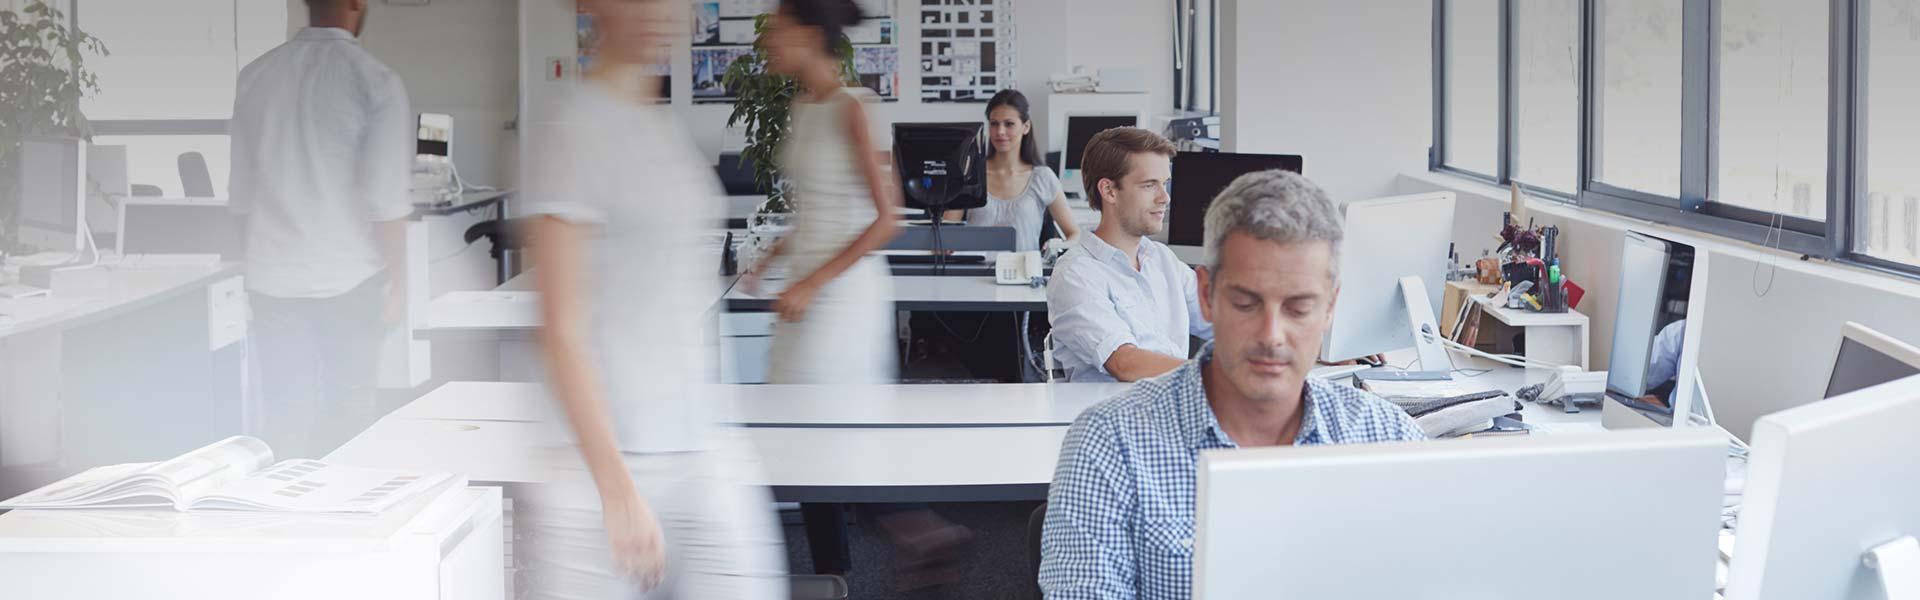 Managed Services - IT-Dienstleistung weitergedacht